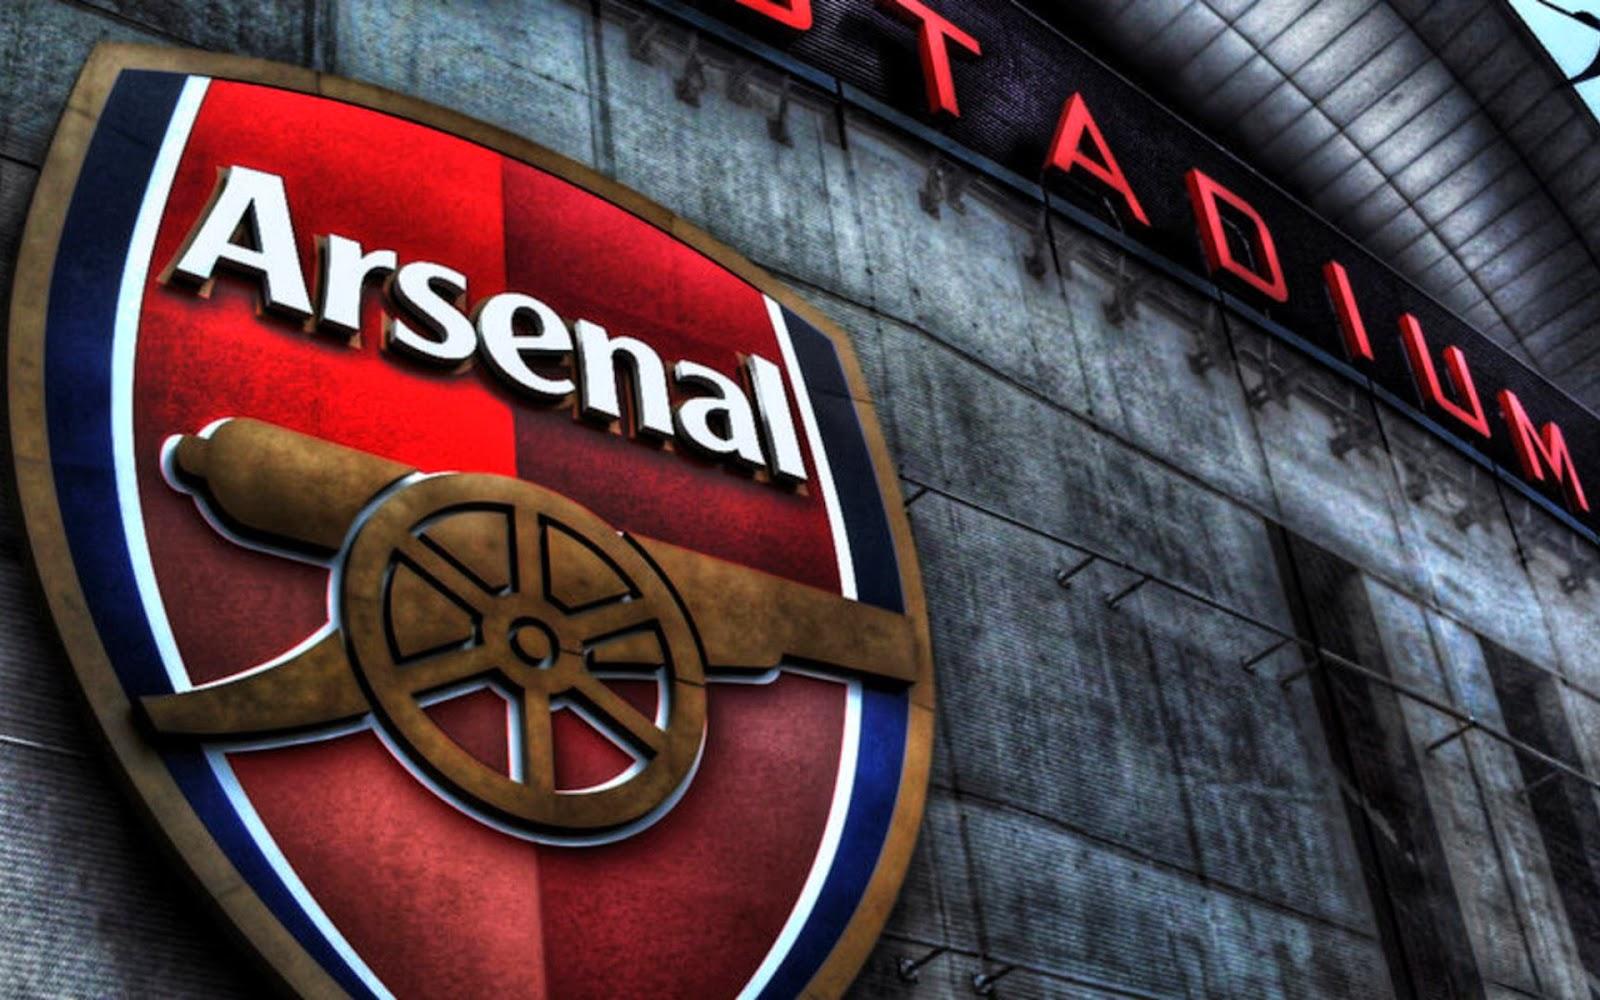 hình nền máy tính logo arsenal